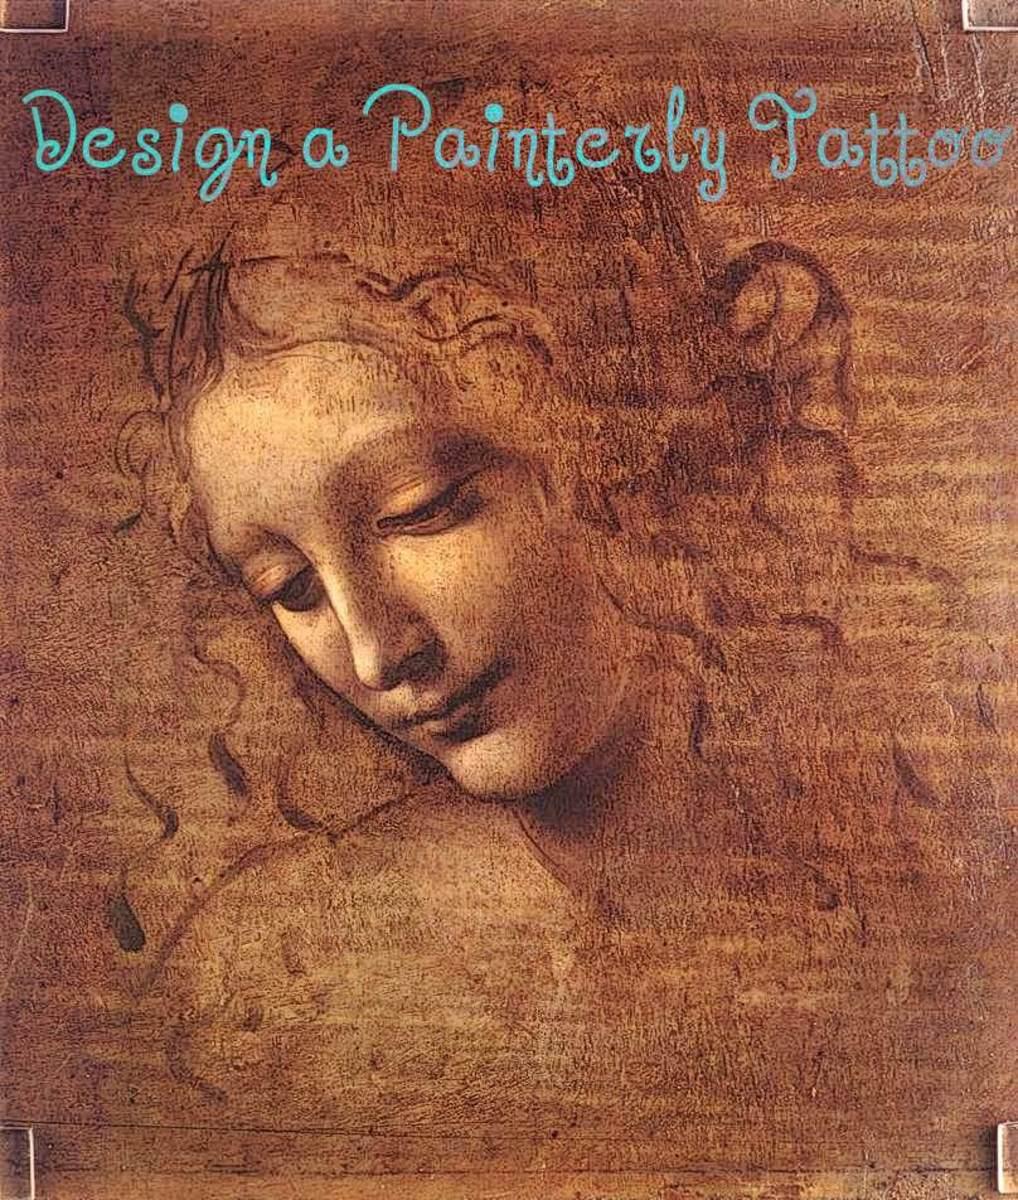 Choose La Scapigliata by Da Vinci for a design idea.